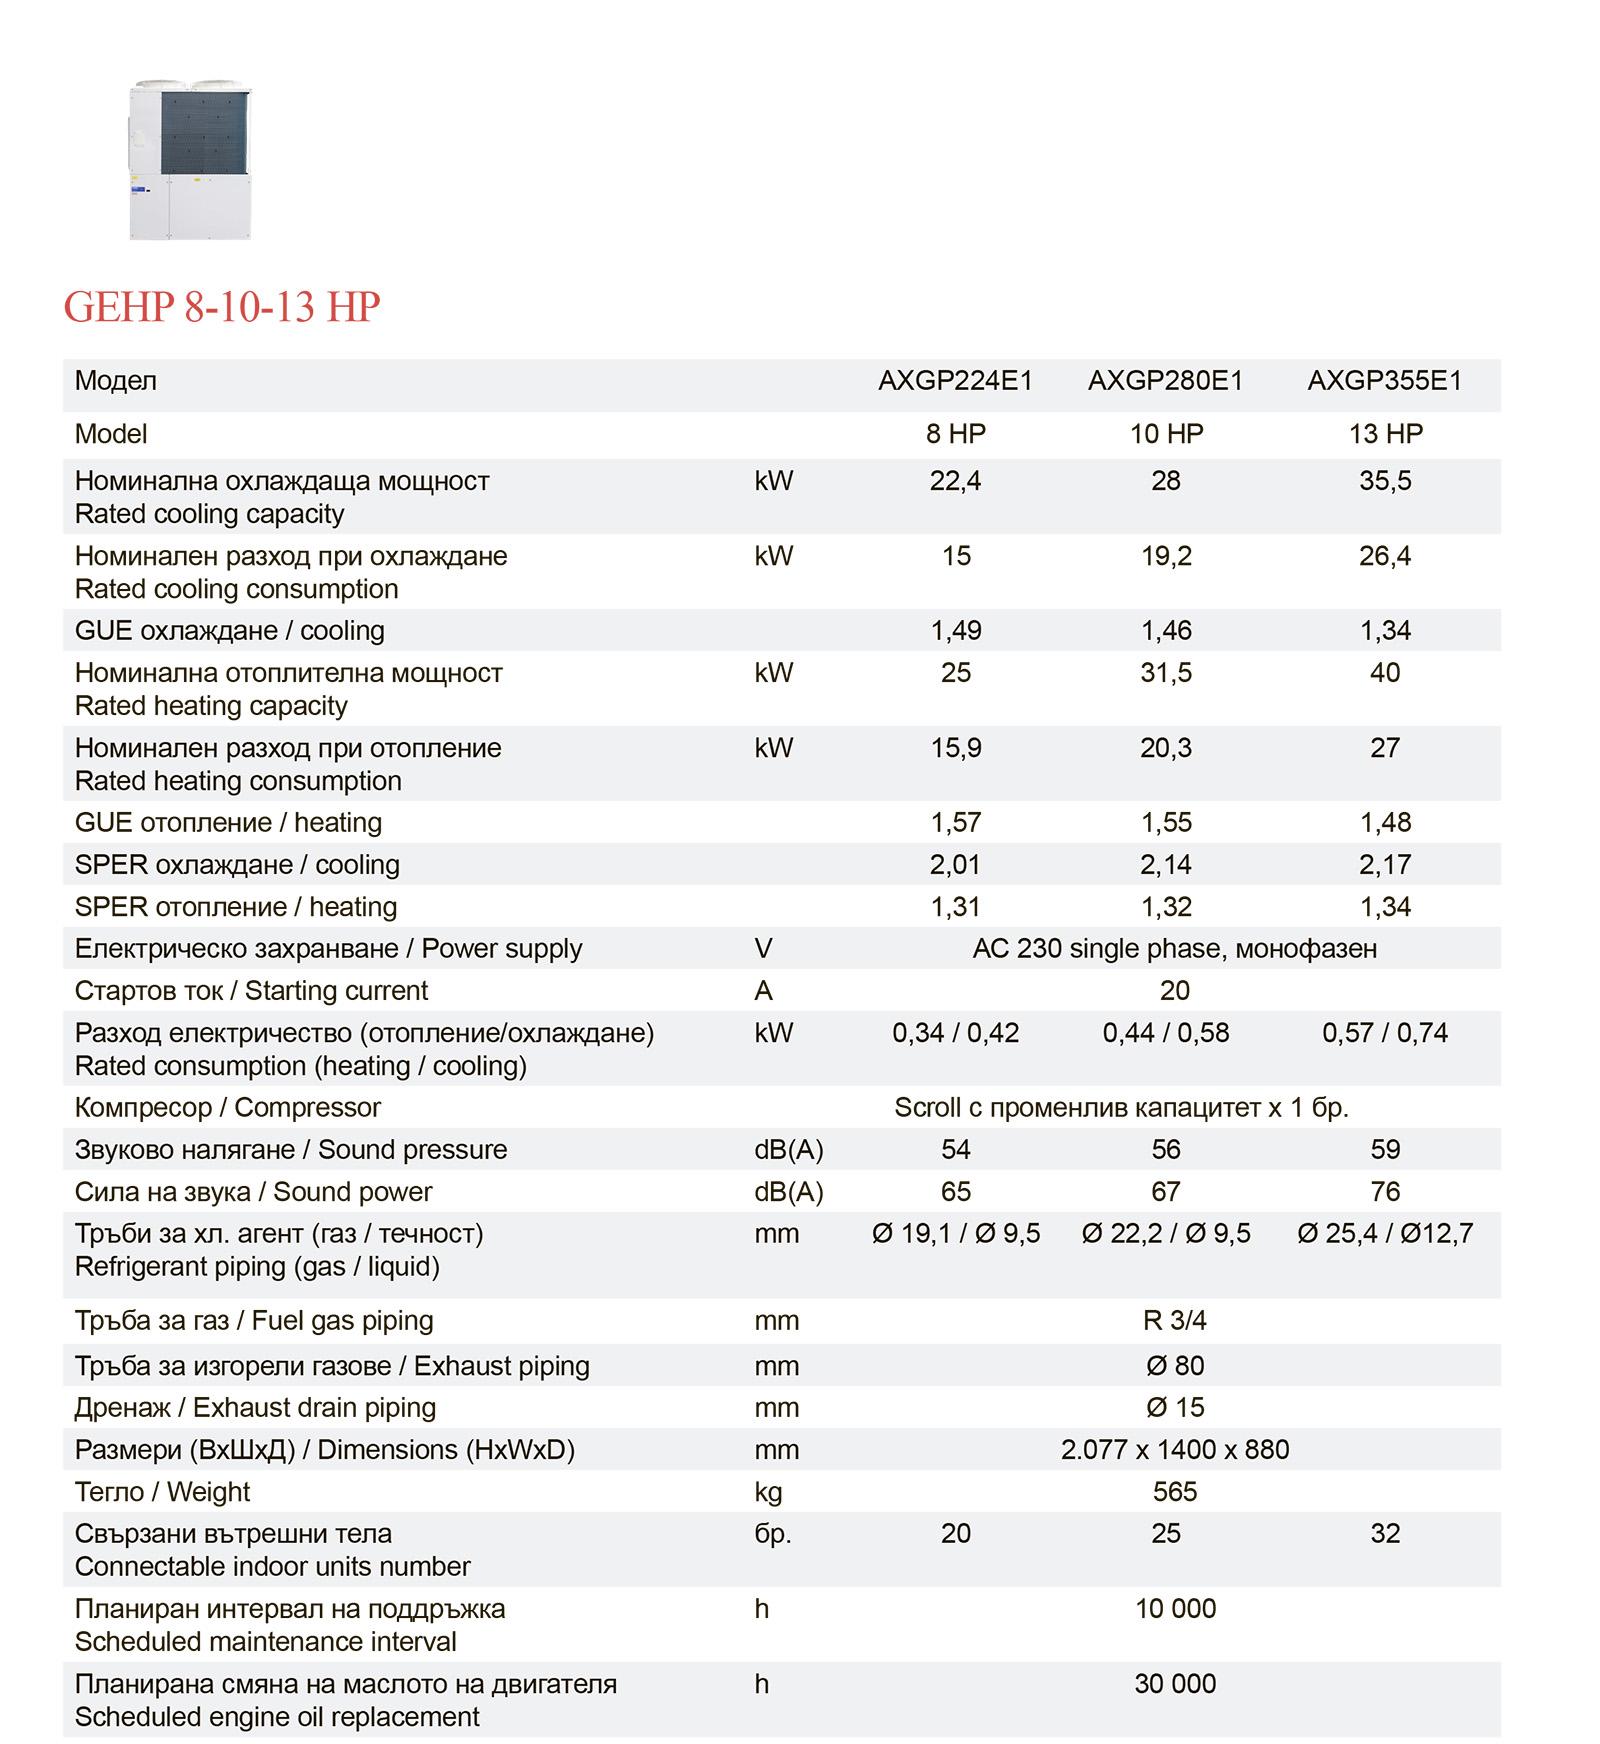 GEHP 8-10-13 HP